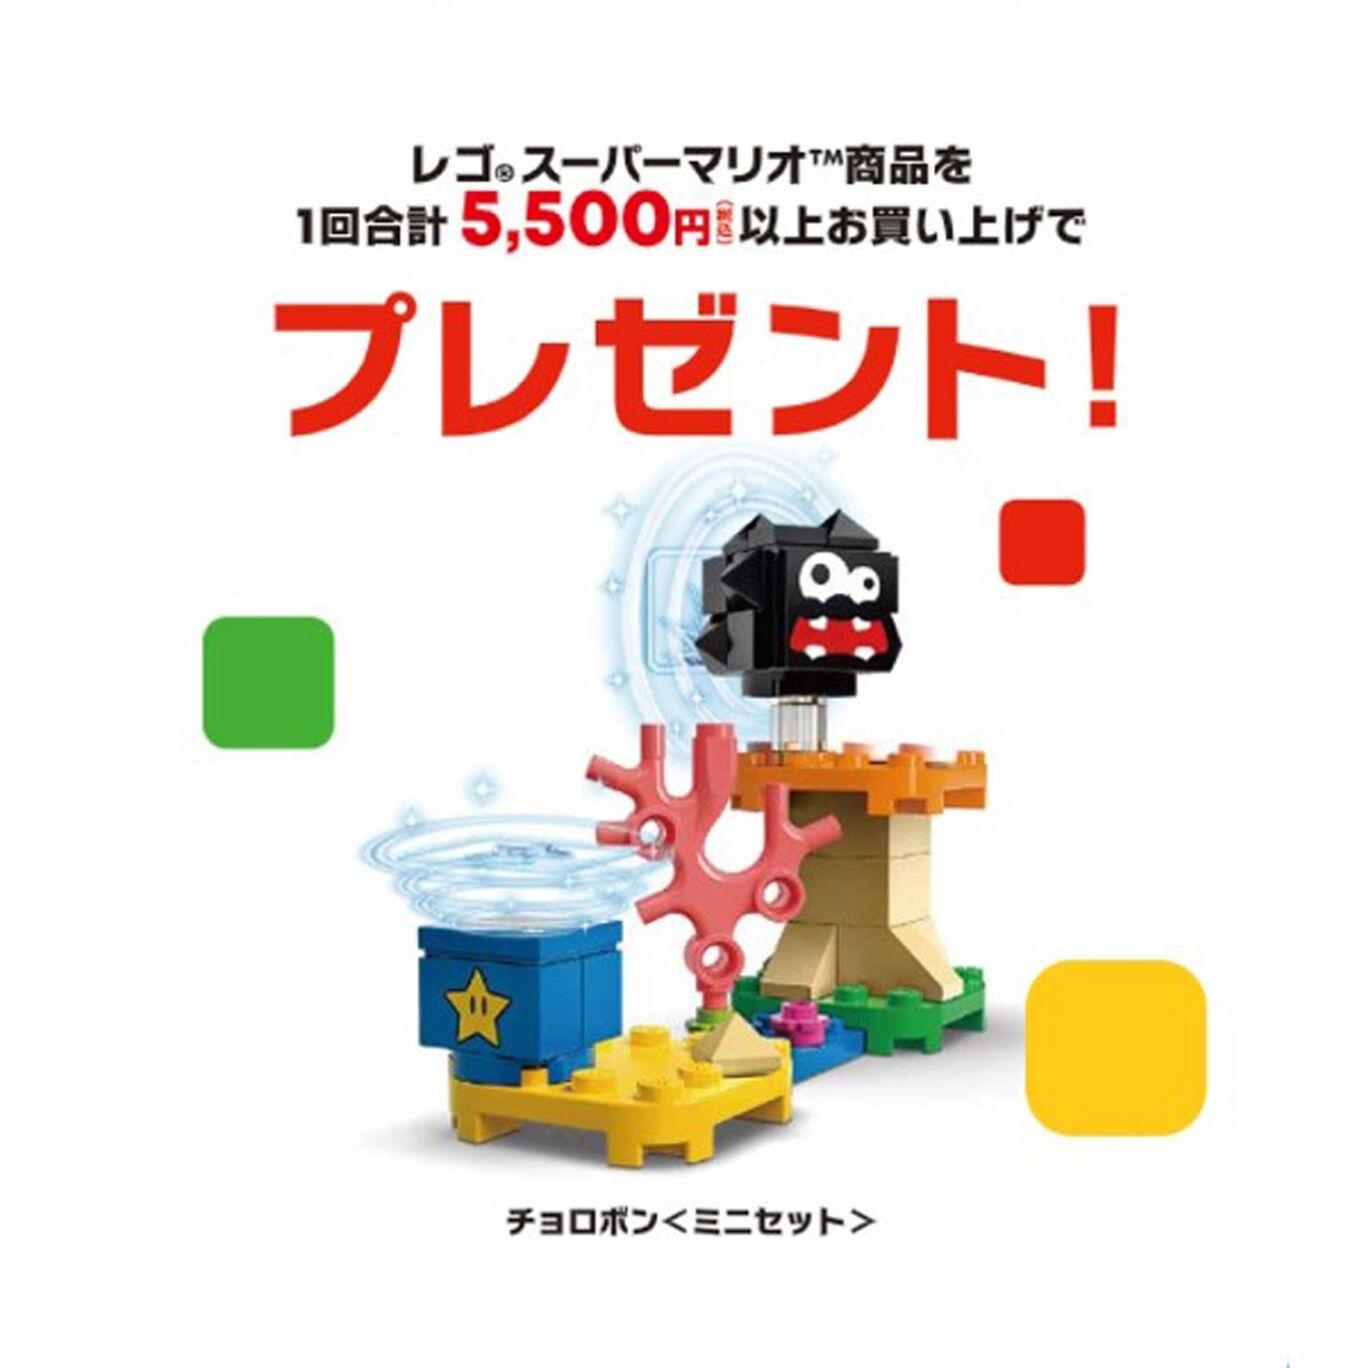 レゴ(R)スーパーマリオ ワンワン の とつげき! チャレンジ